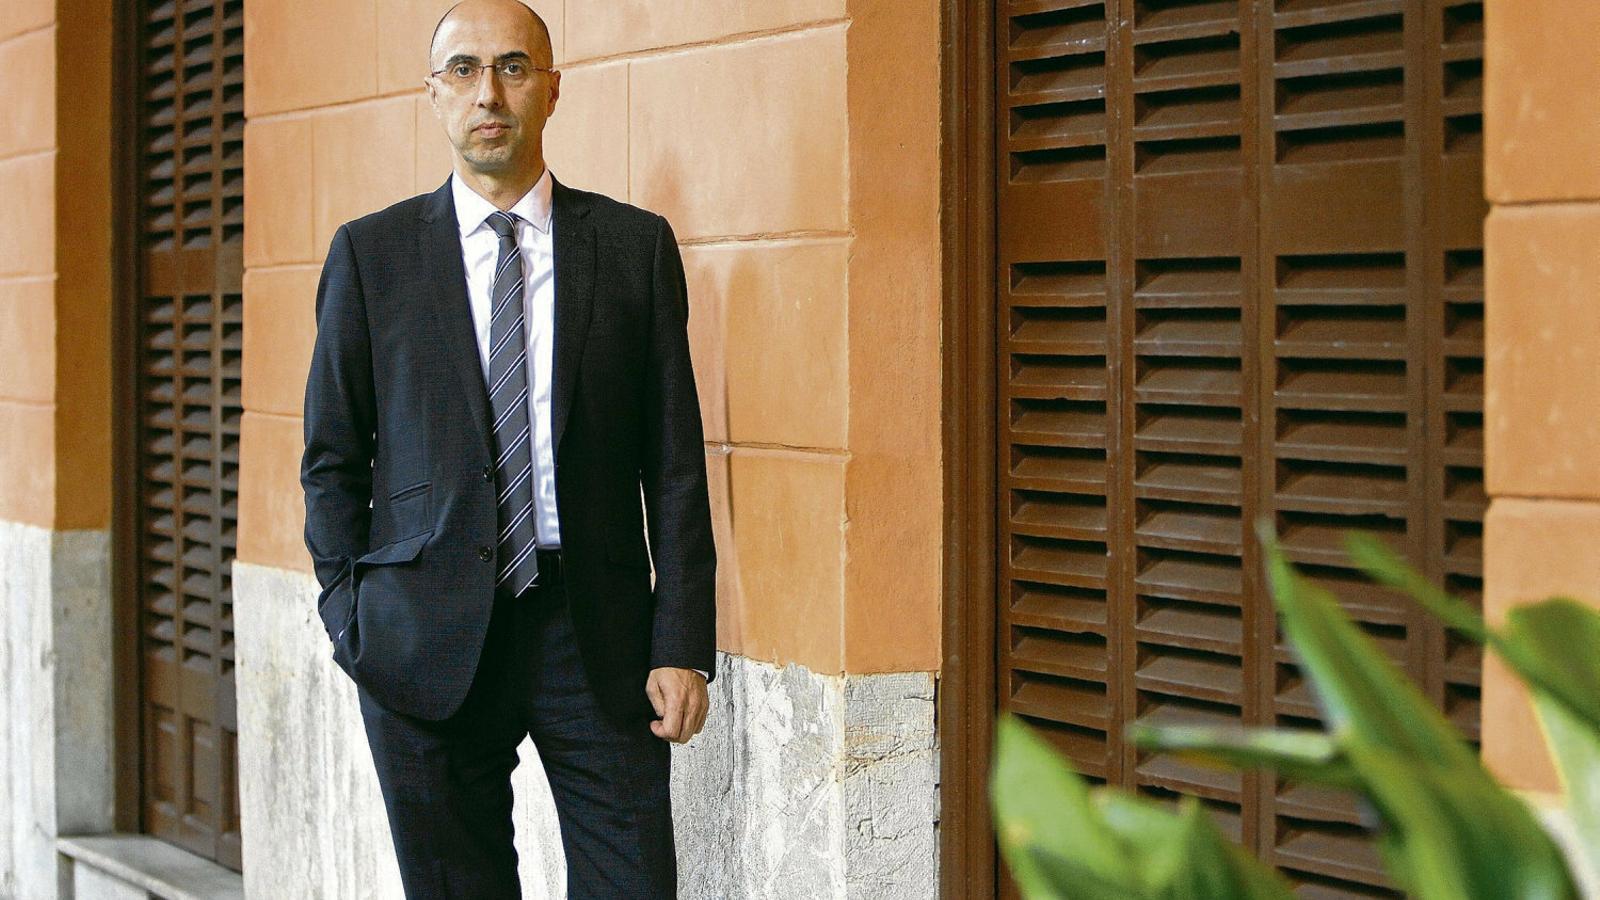 El director de l'Oficina Anticorrupció, Jaume Far, en una imatge d'arxiu.